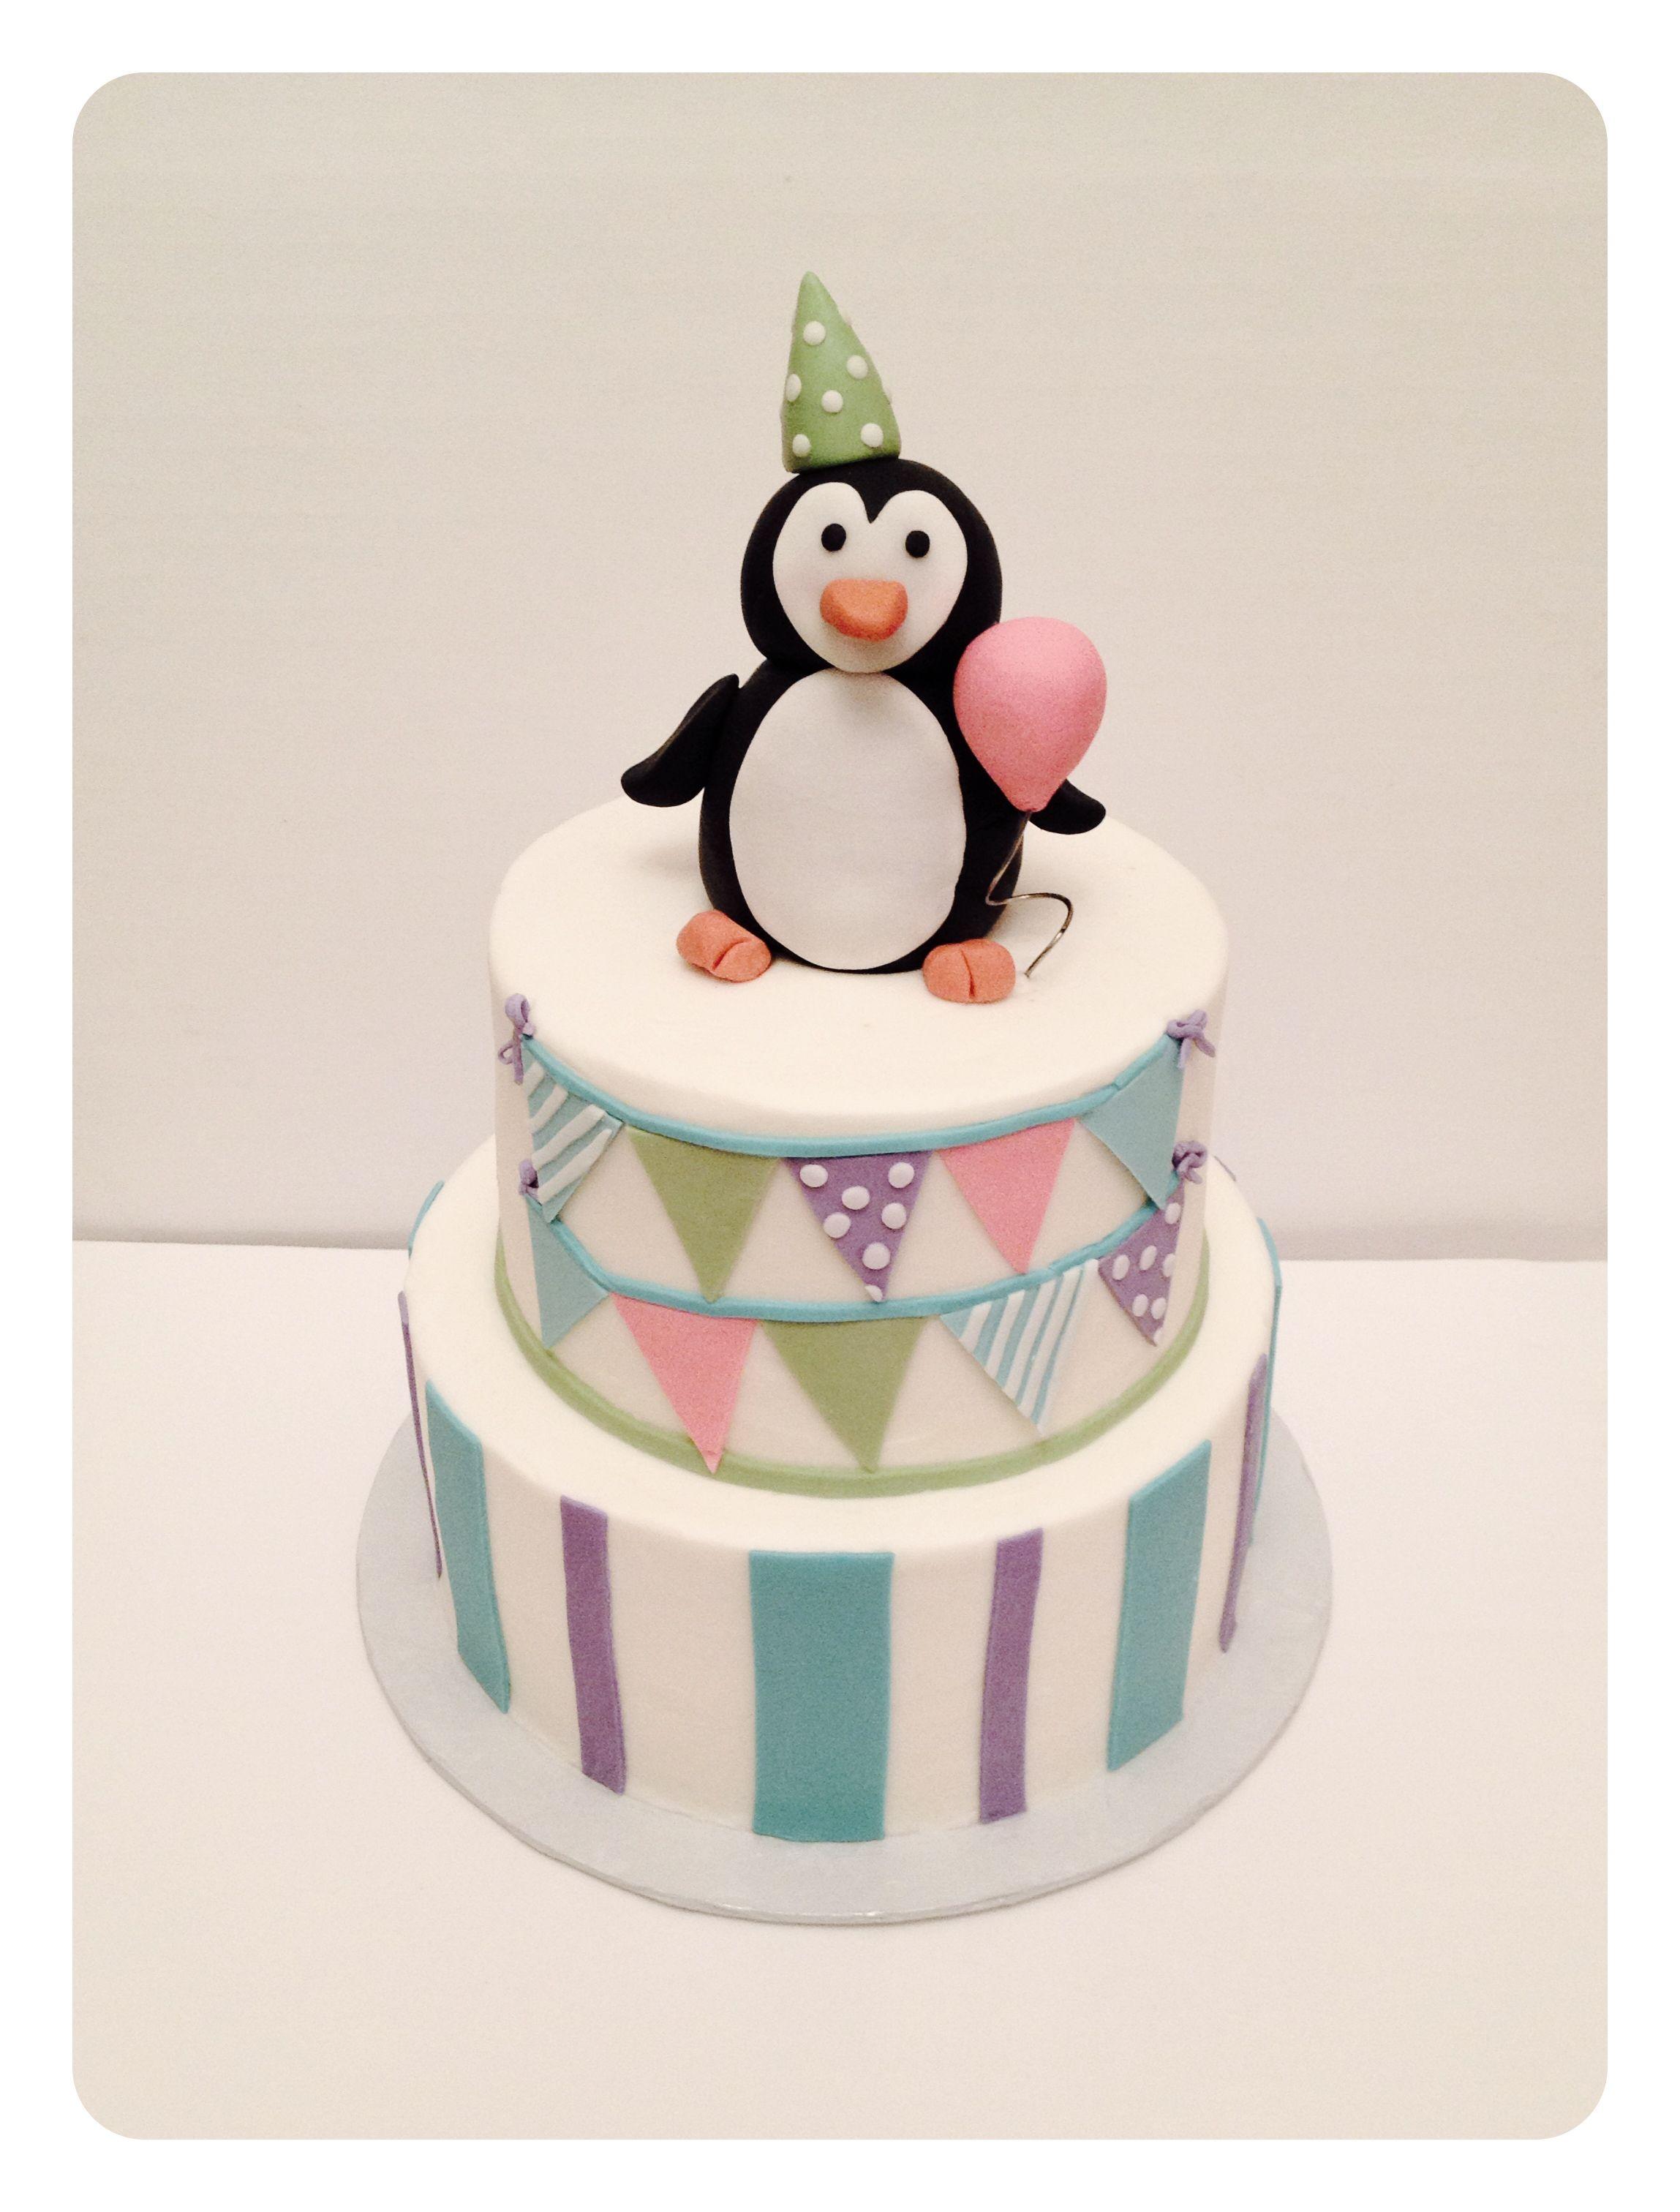 Birthday Cake Ideas Penguin : Penguin birthday cake Cake designs Pinterest